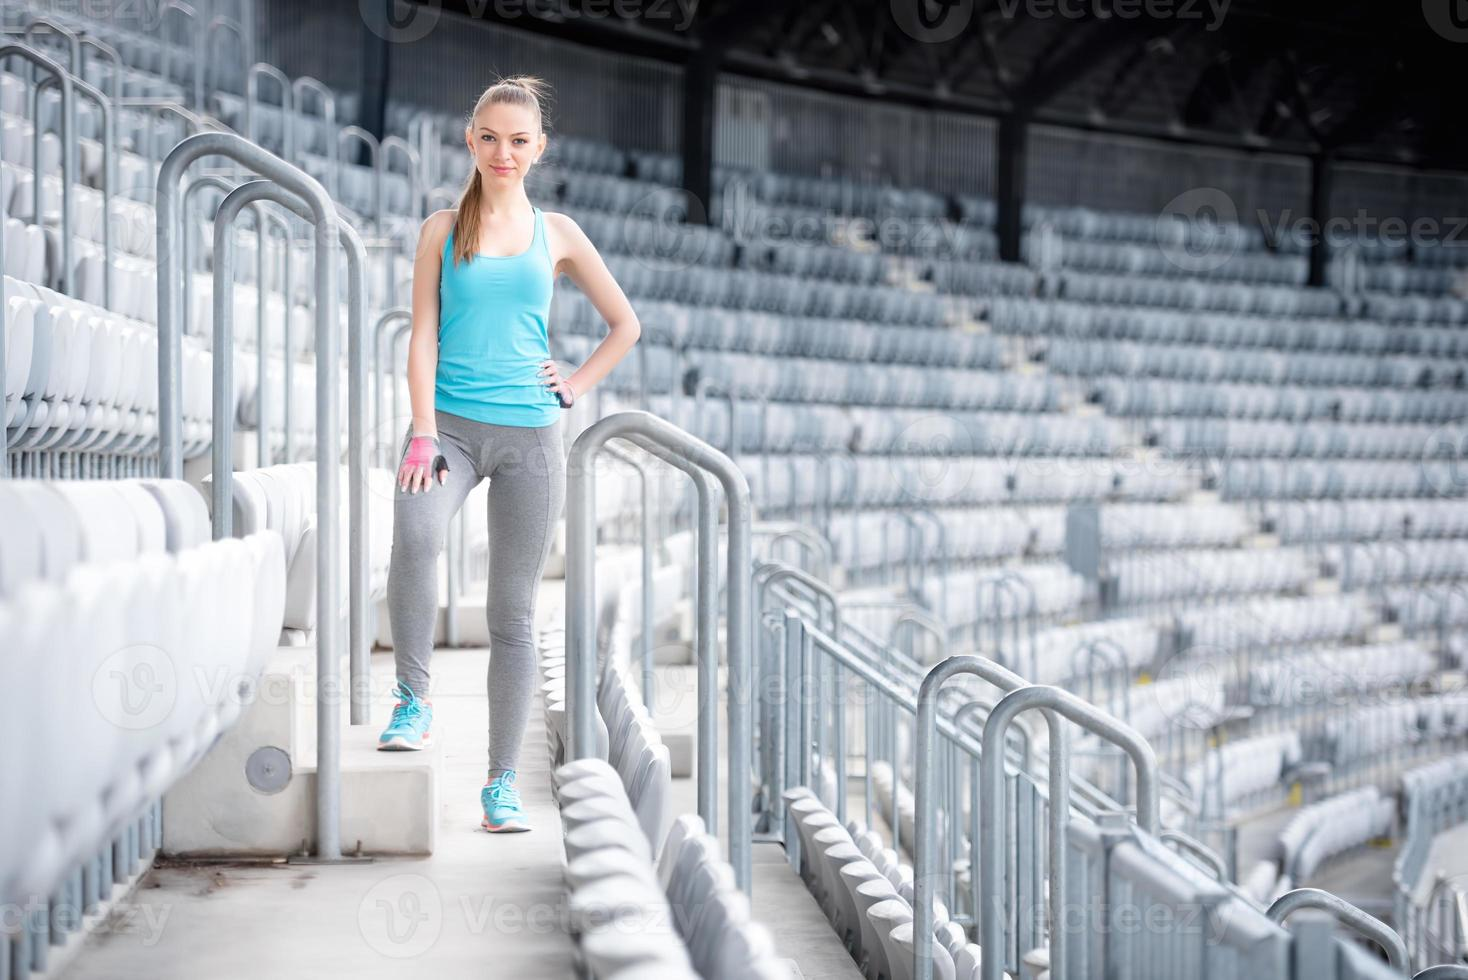 donna che prepara per la formazione su stadio, allenamento fitness. allenamento in palestra foto